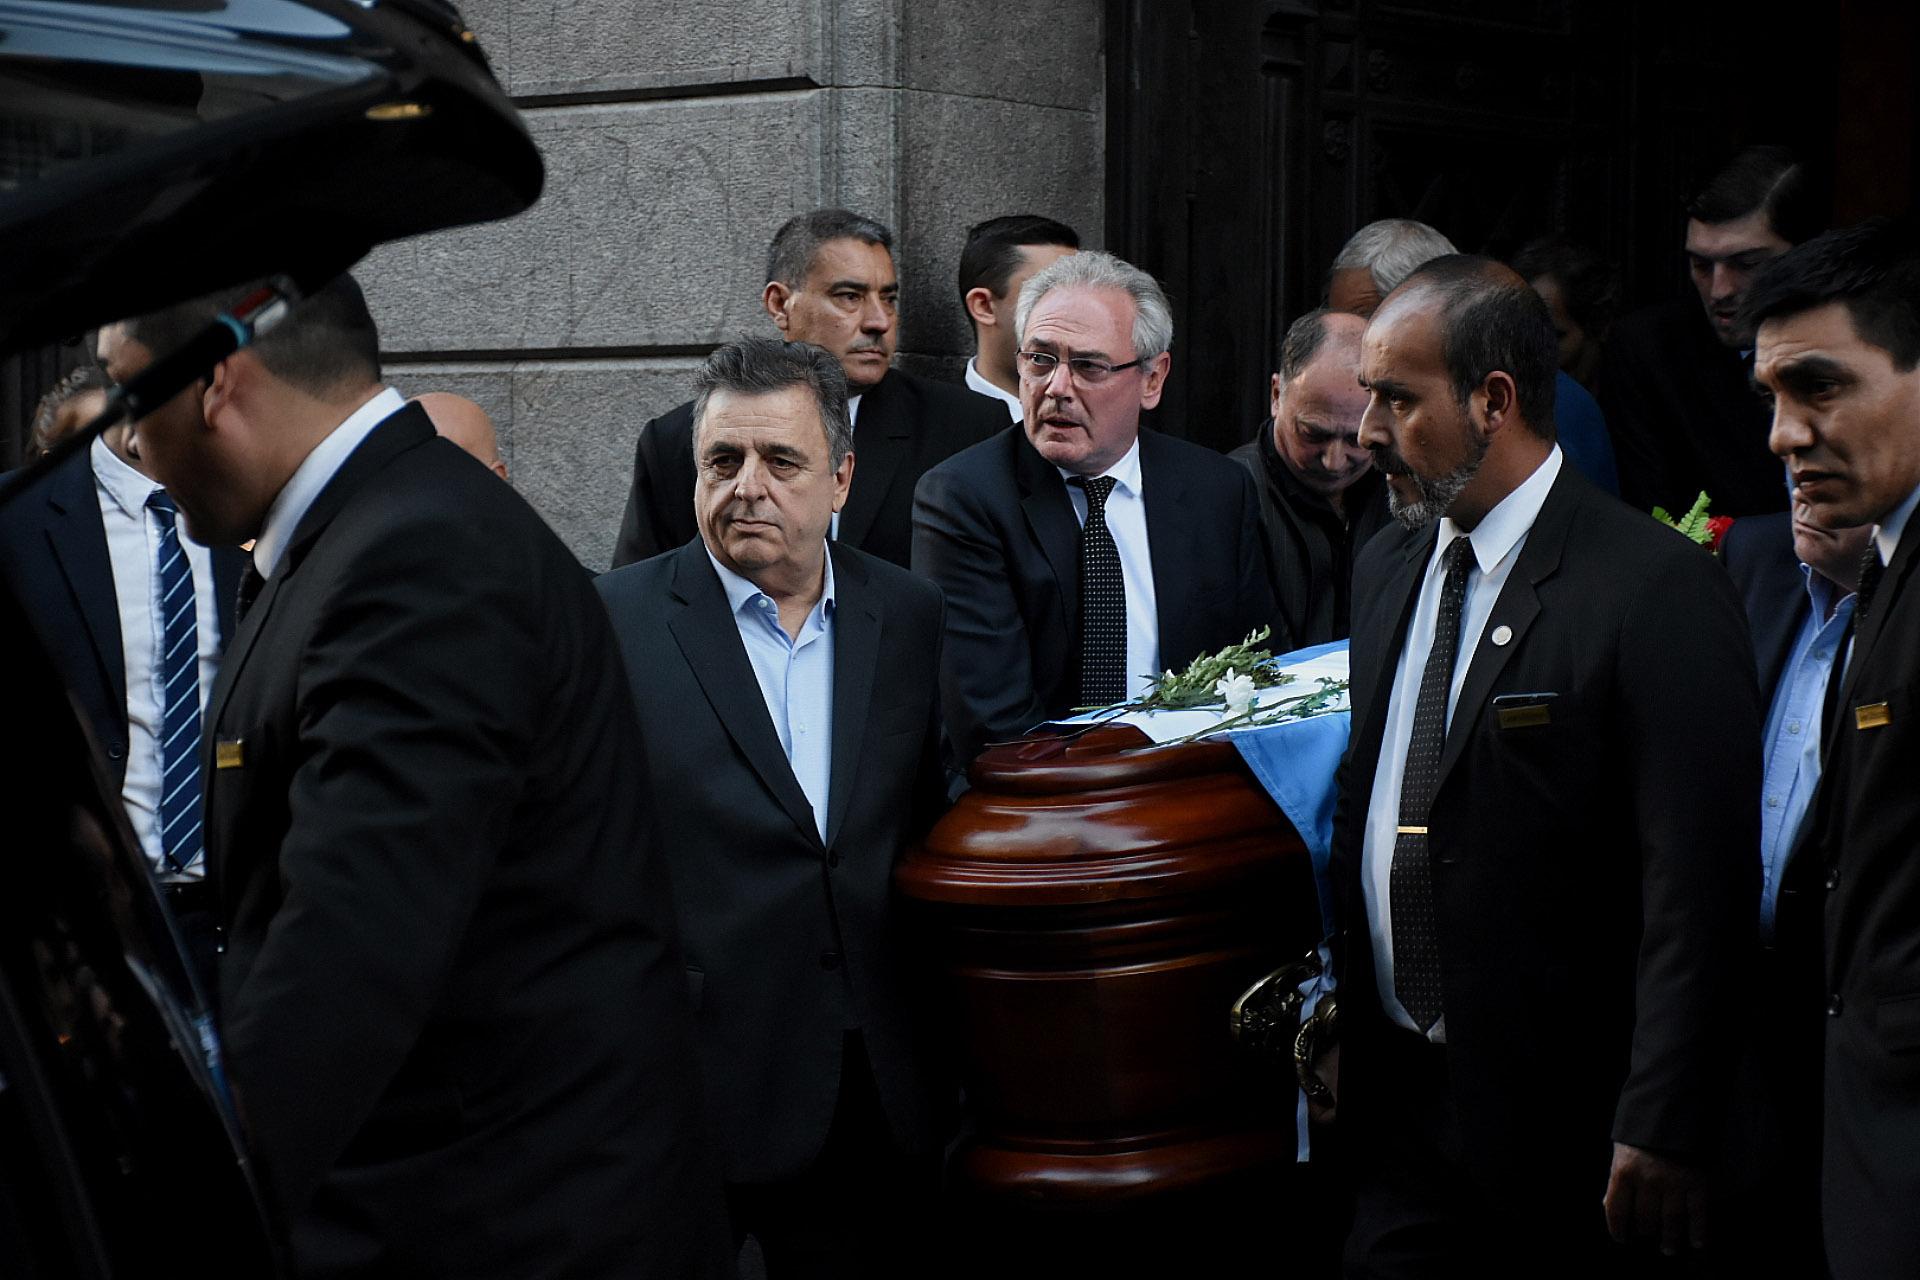 El diputado nacional Mario Negri encabeza el cortejo fúnebre